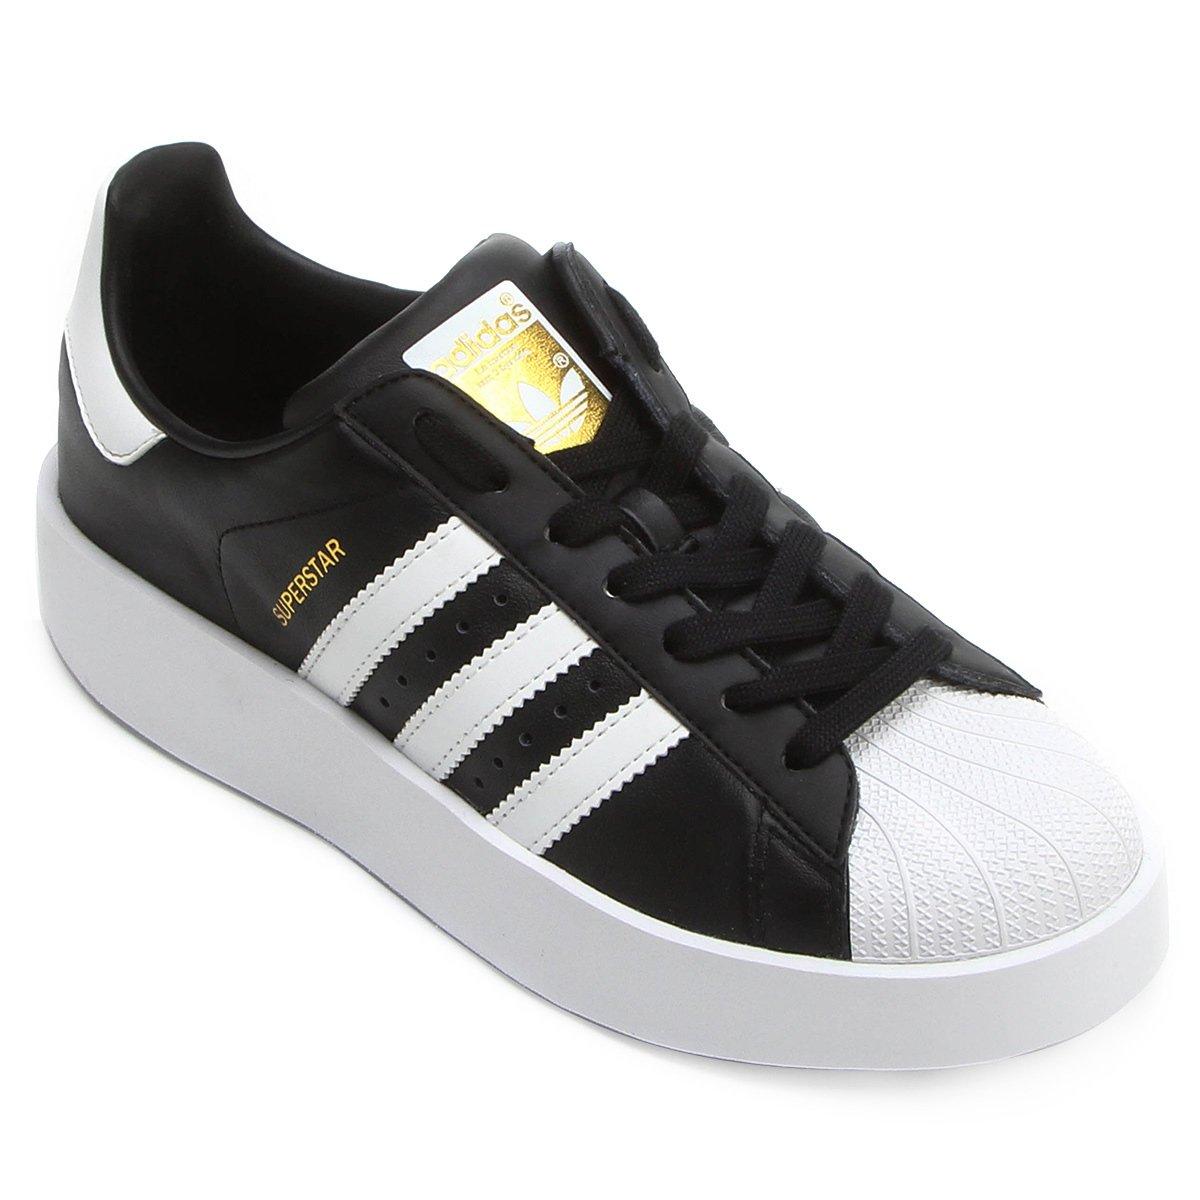 b0baf0d13de91 Tênis Adidas Superstar Bold - Compre Agora